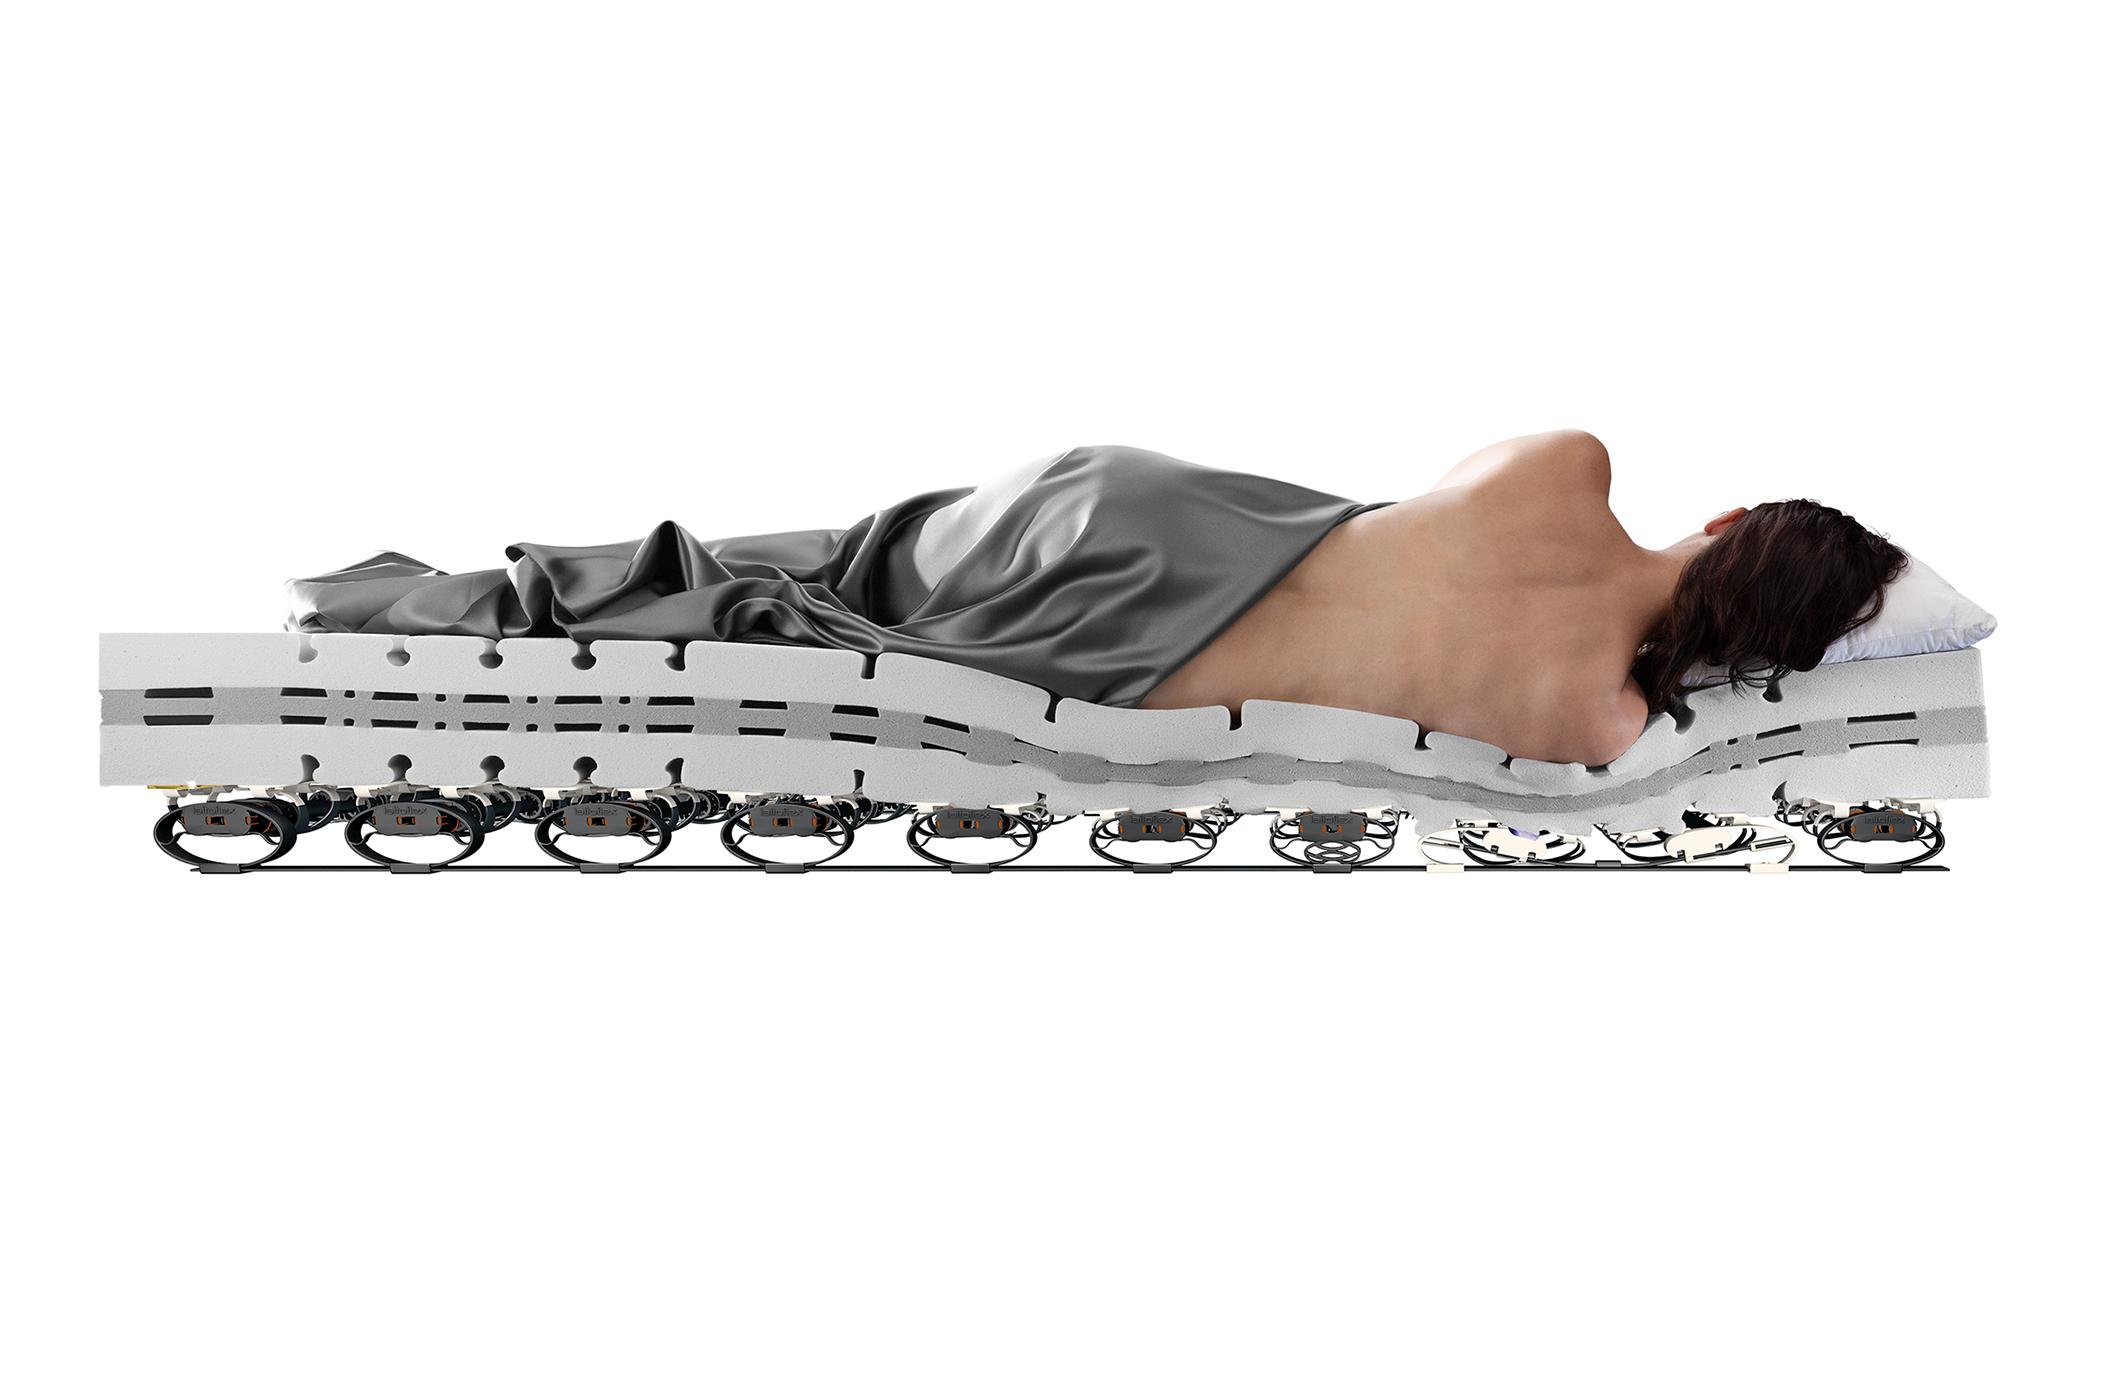 Möbel TAUSCH - einrichten - Bettsystem 300 Lattoflex